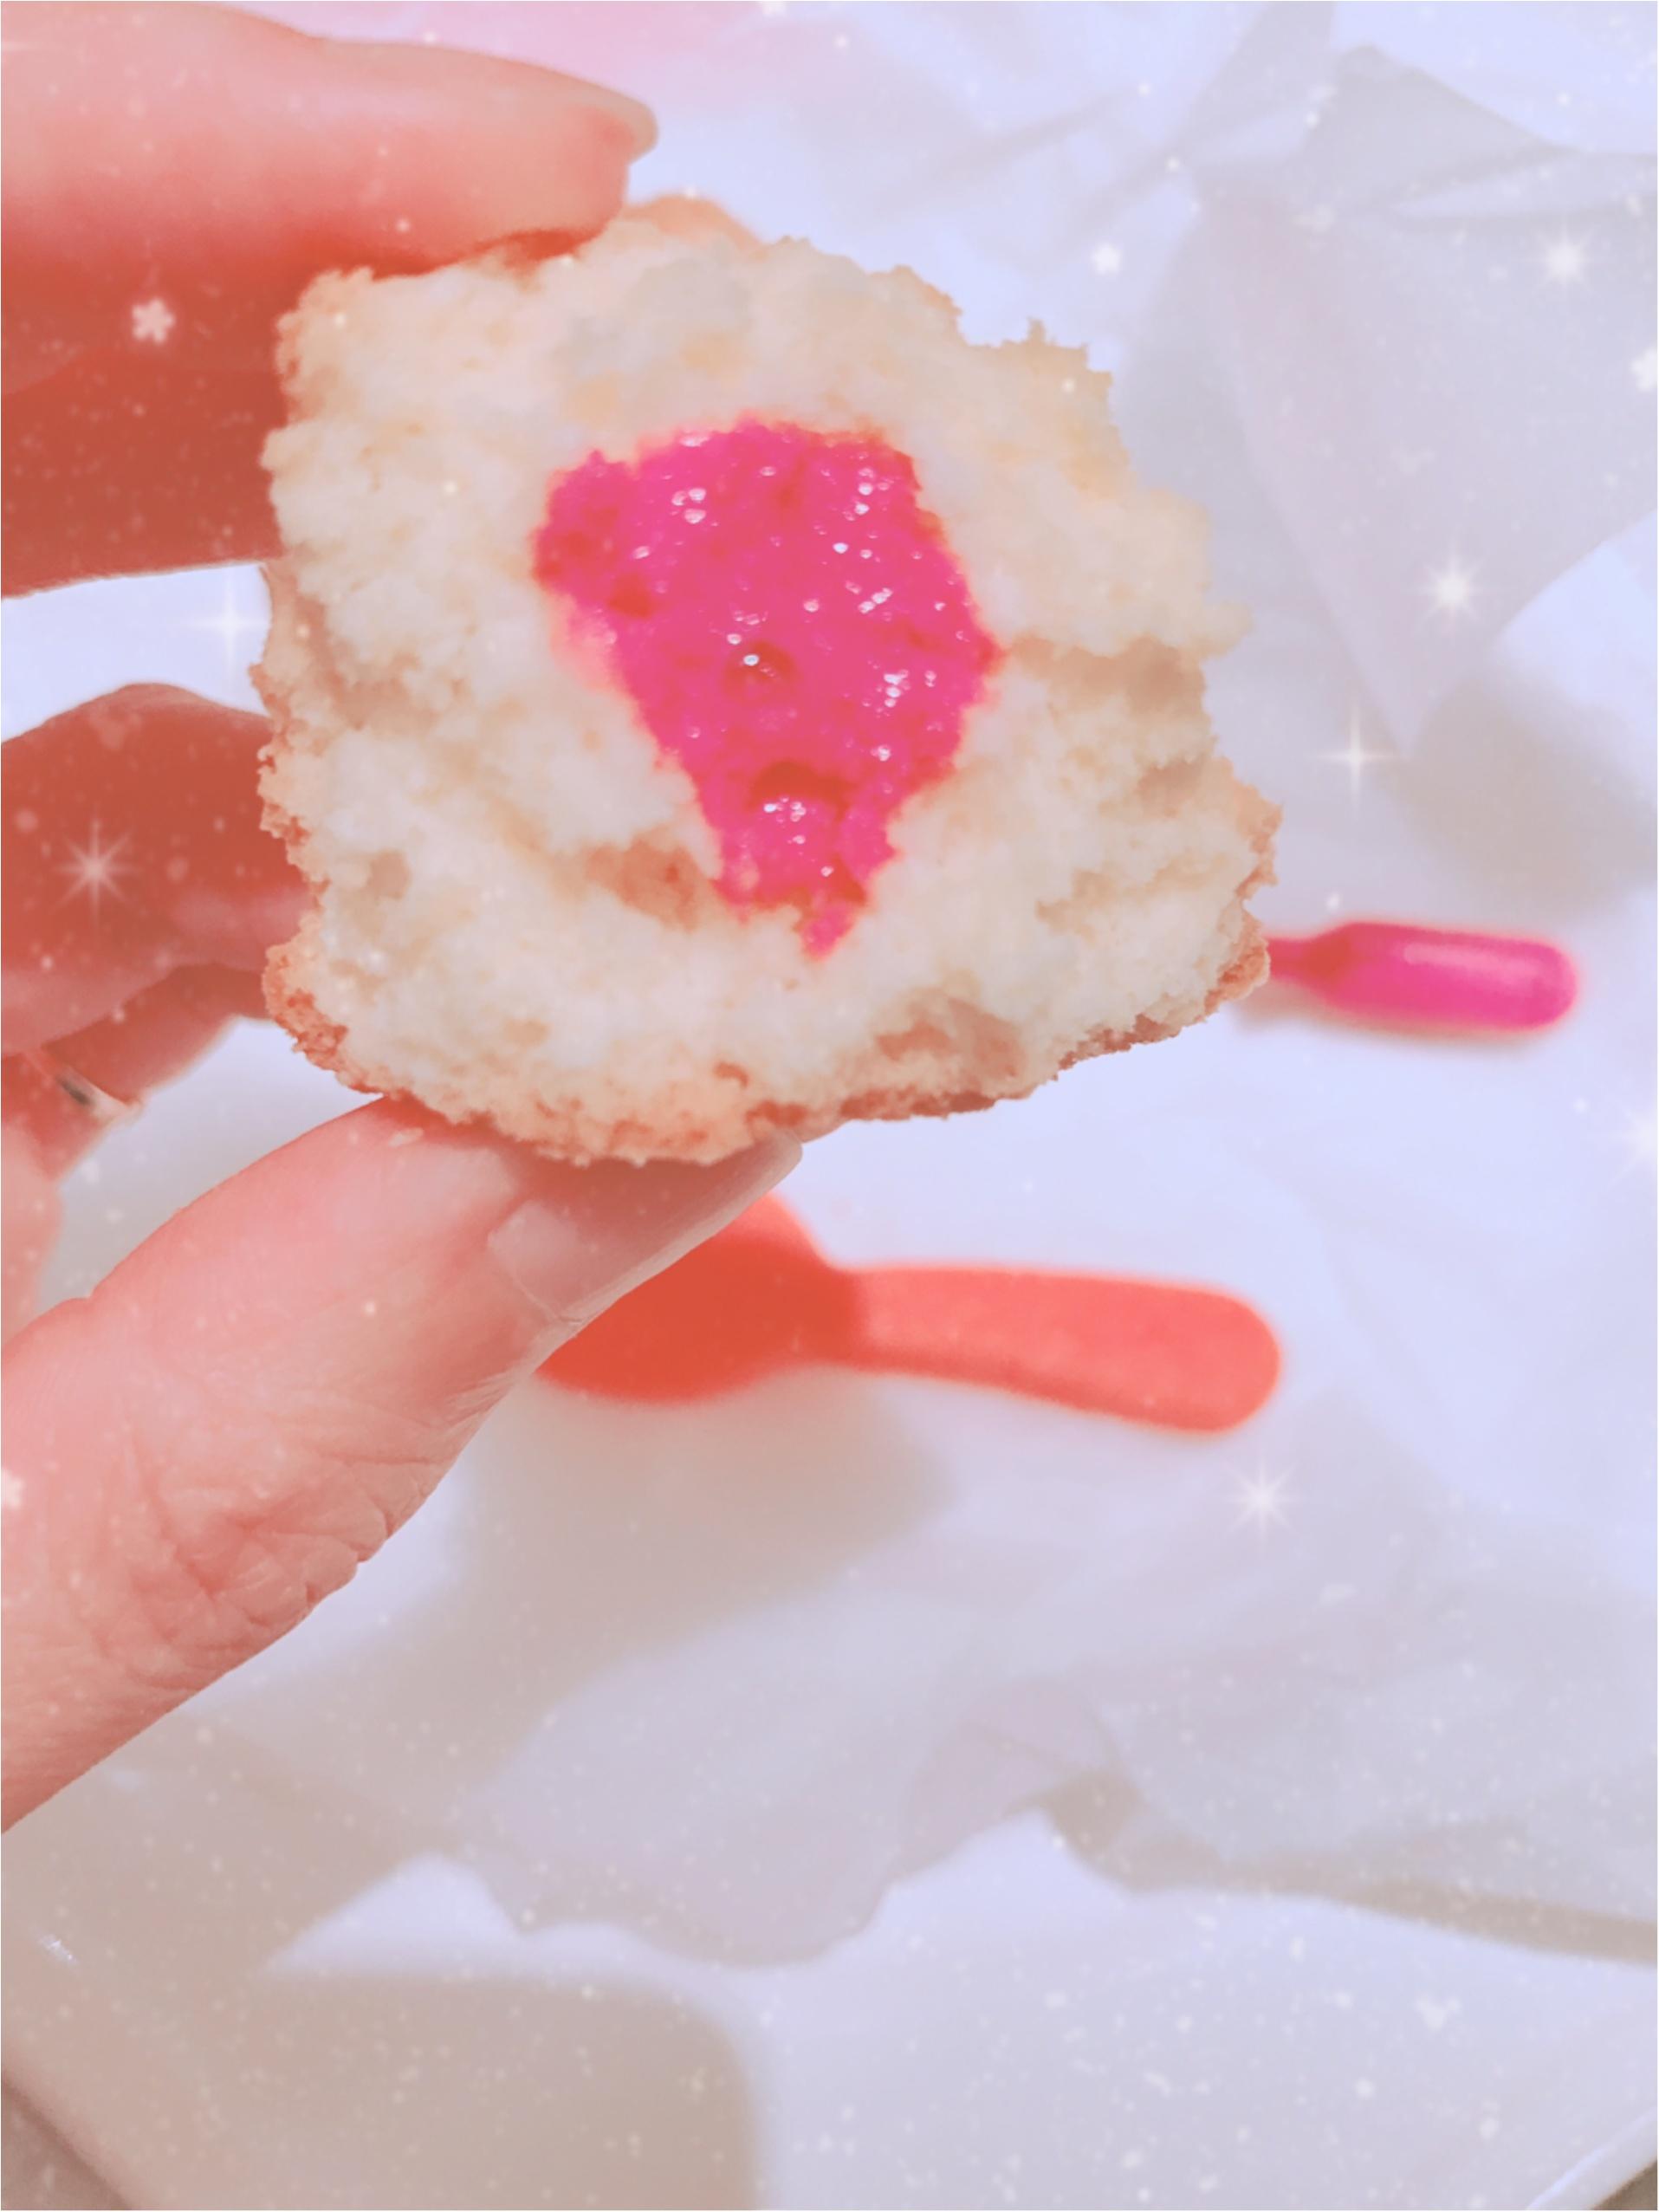 土日祝限定!完全予約制、ジンジャーガーデン青山のピンクアフタヌーンティーが可愛すぎる!_14